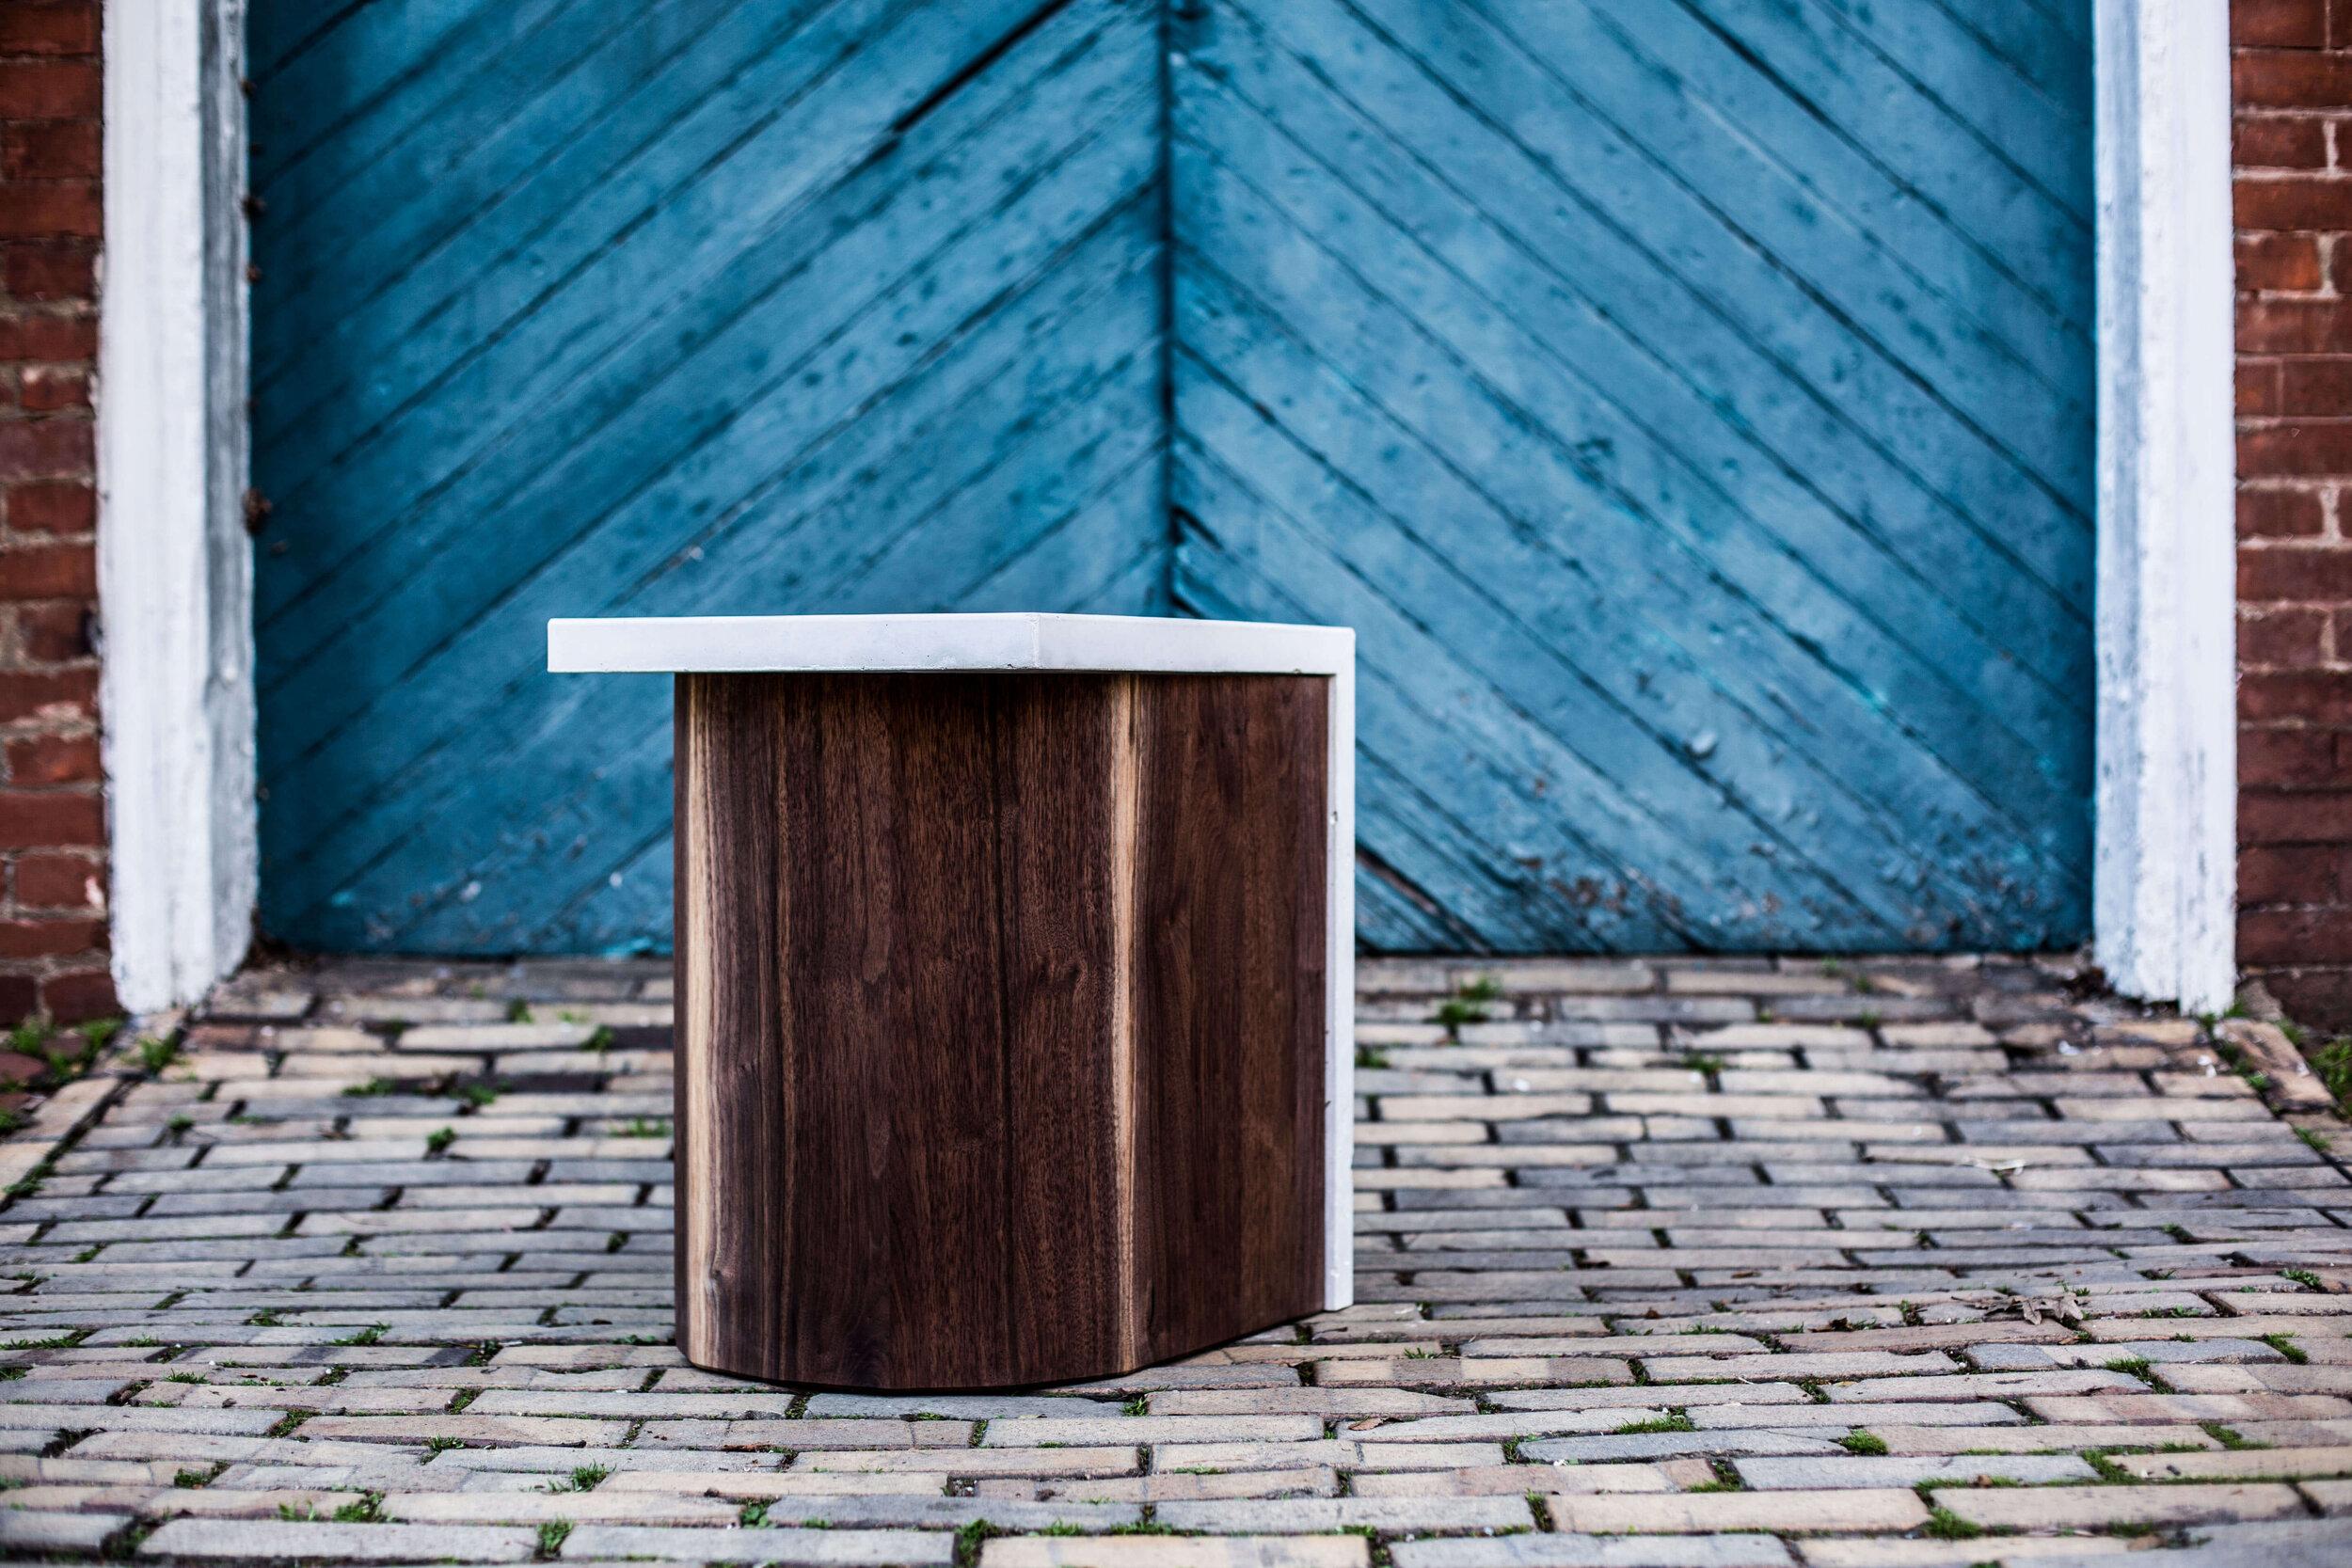 Alicia_Dietz_Modern_Home_Contemporary_Design_Concrete_Furniture_6